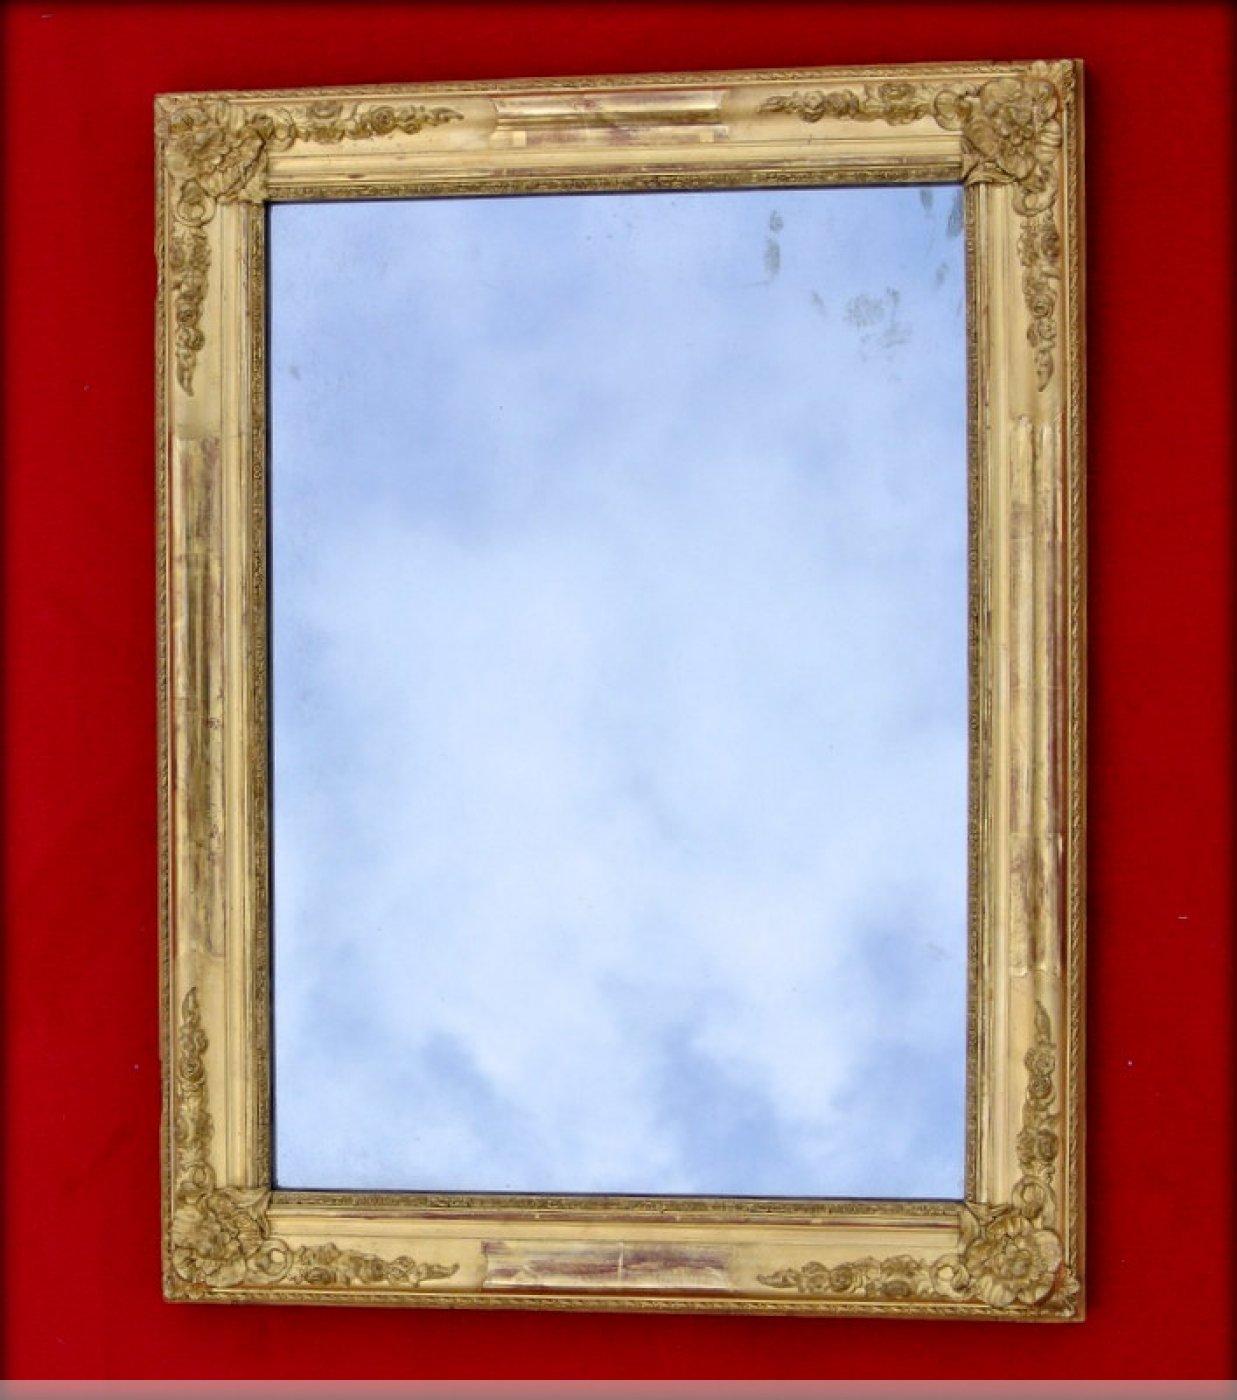 Petit miroir d 39 poque restauration xixe si cle for Restauration miroir ancien